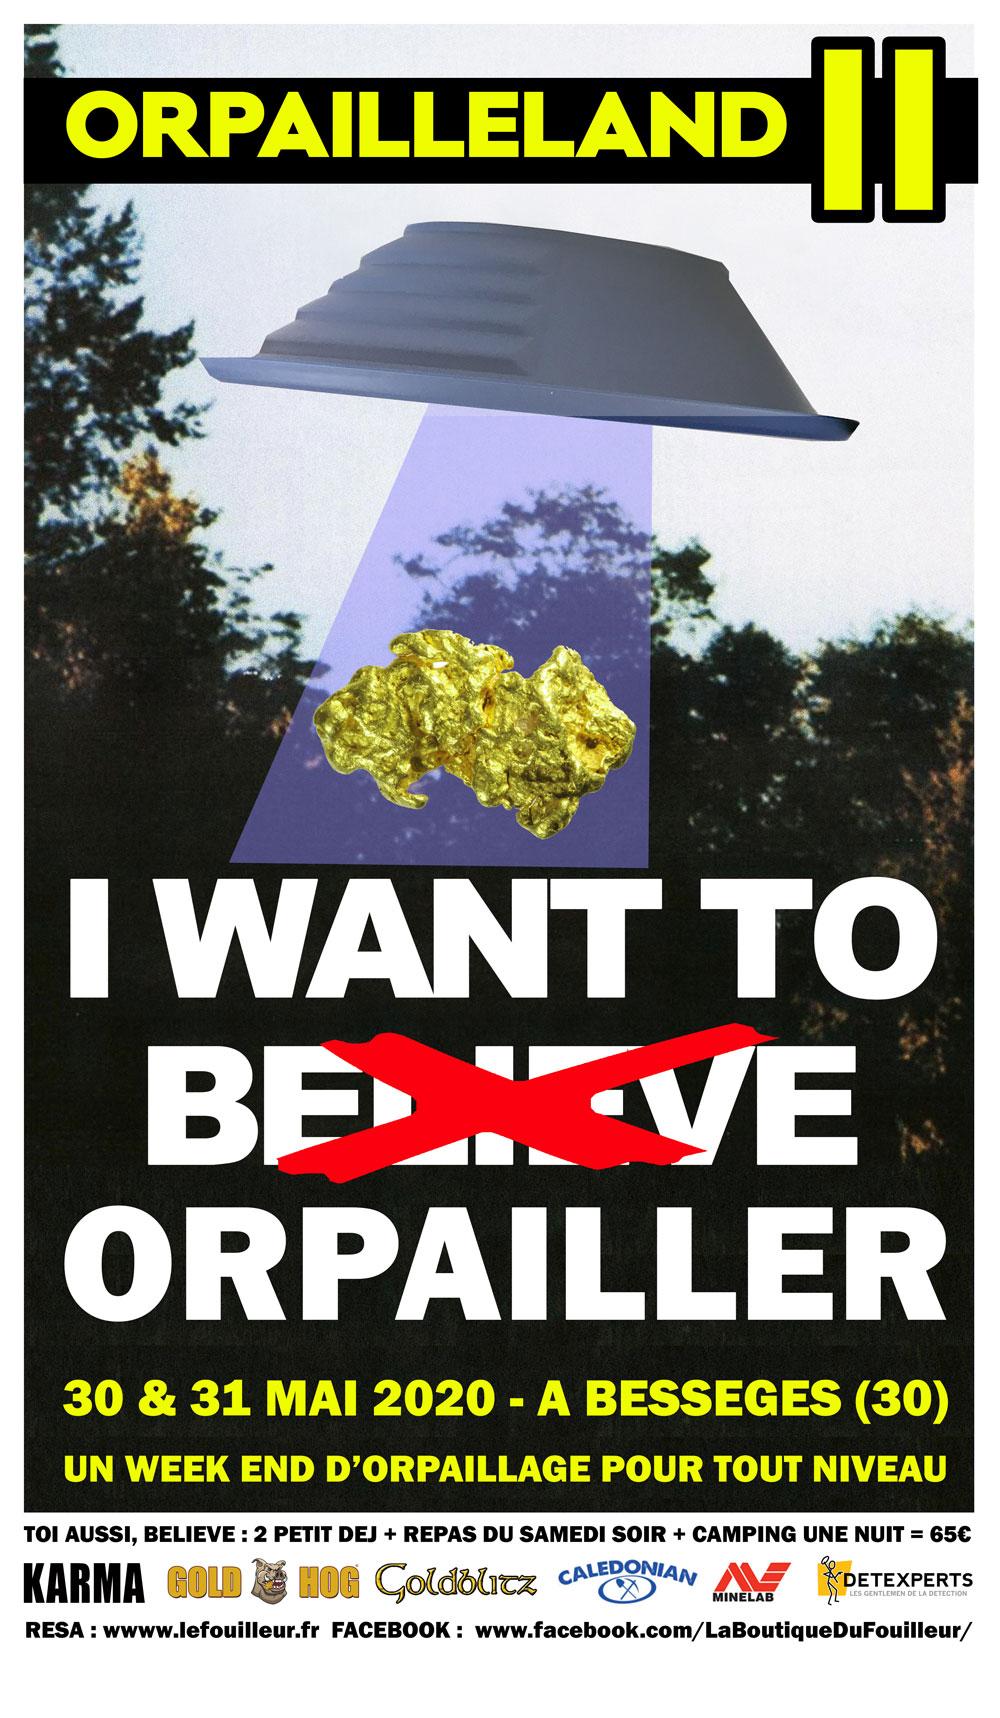 Affiche Rallye Orpailleland 2020